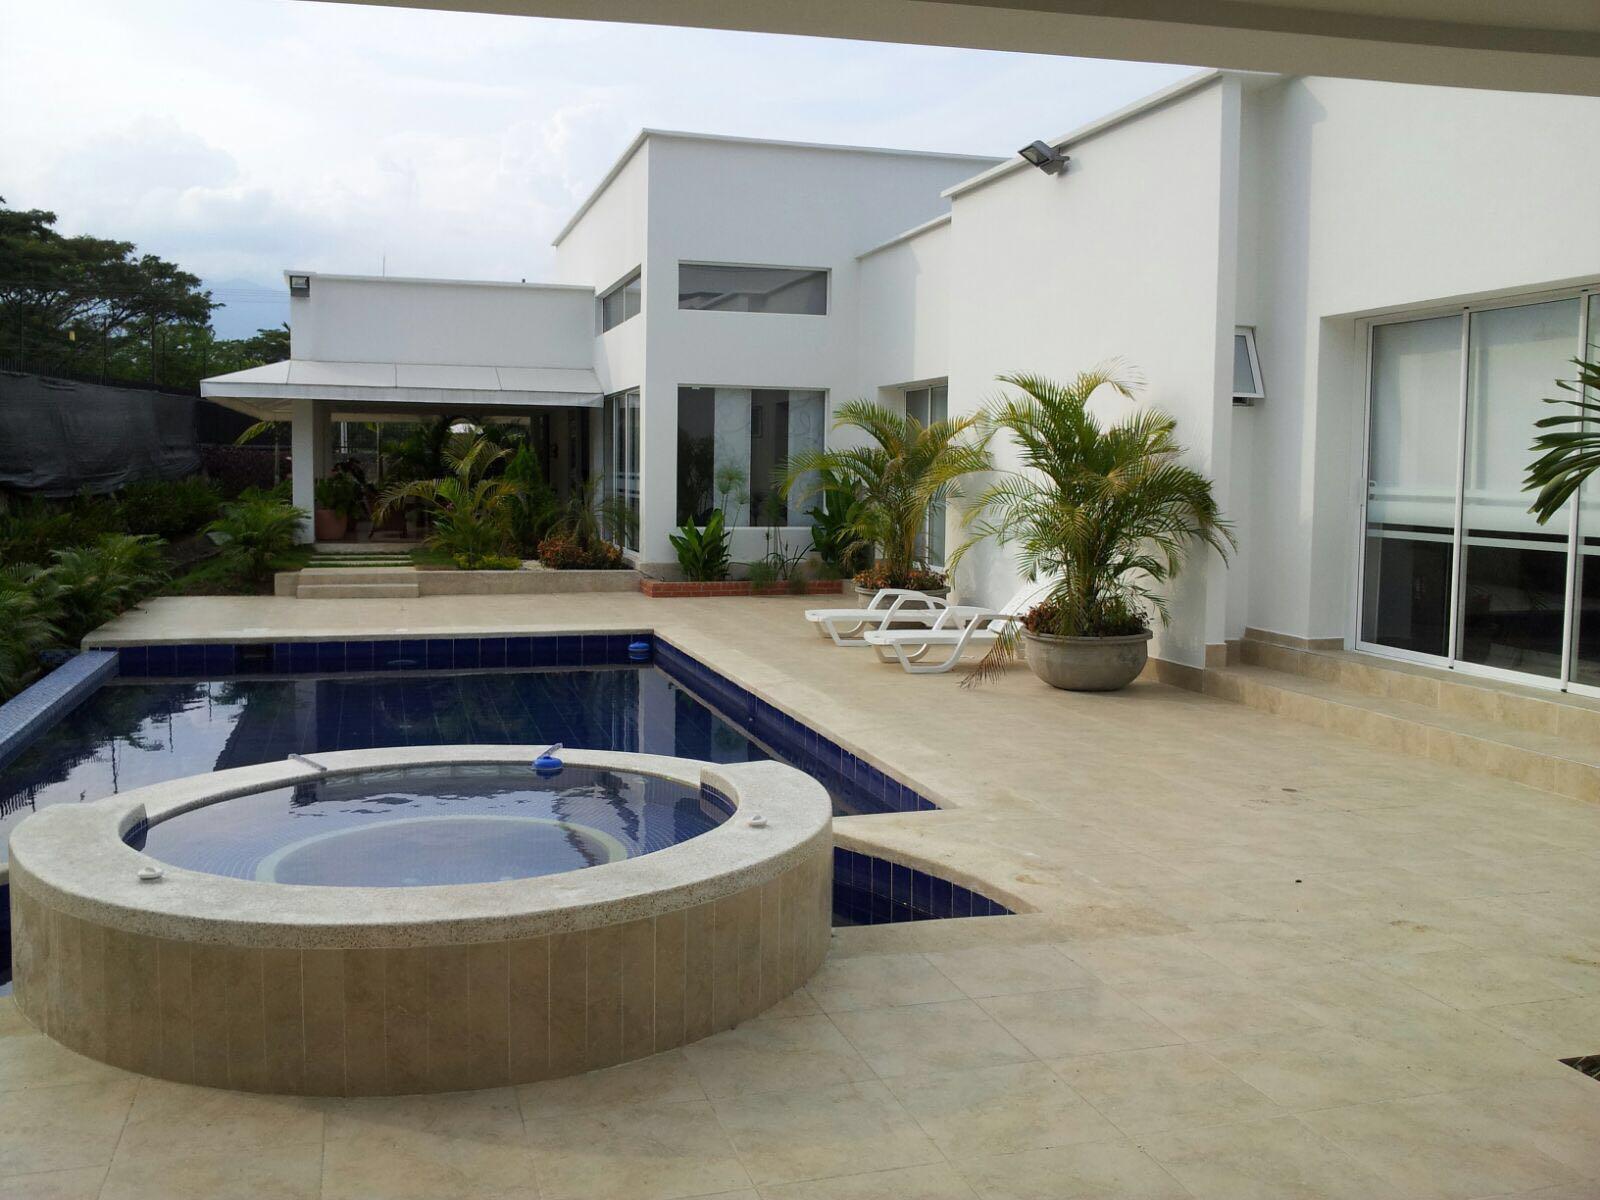 Casa en venta en pance cali goplaceit for Casas en ciudad jardin cali